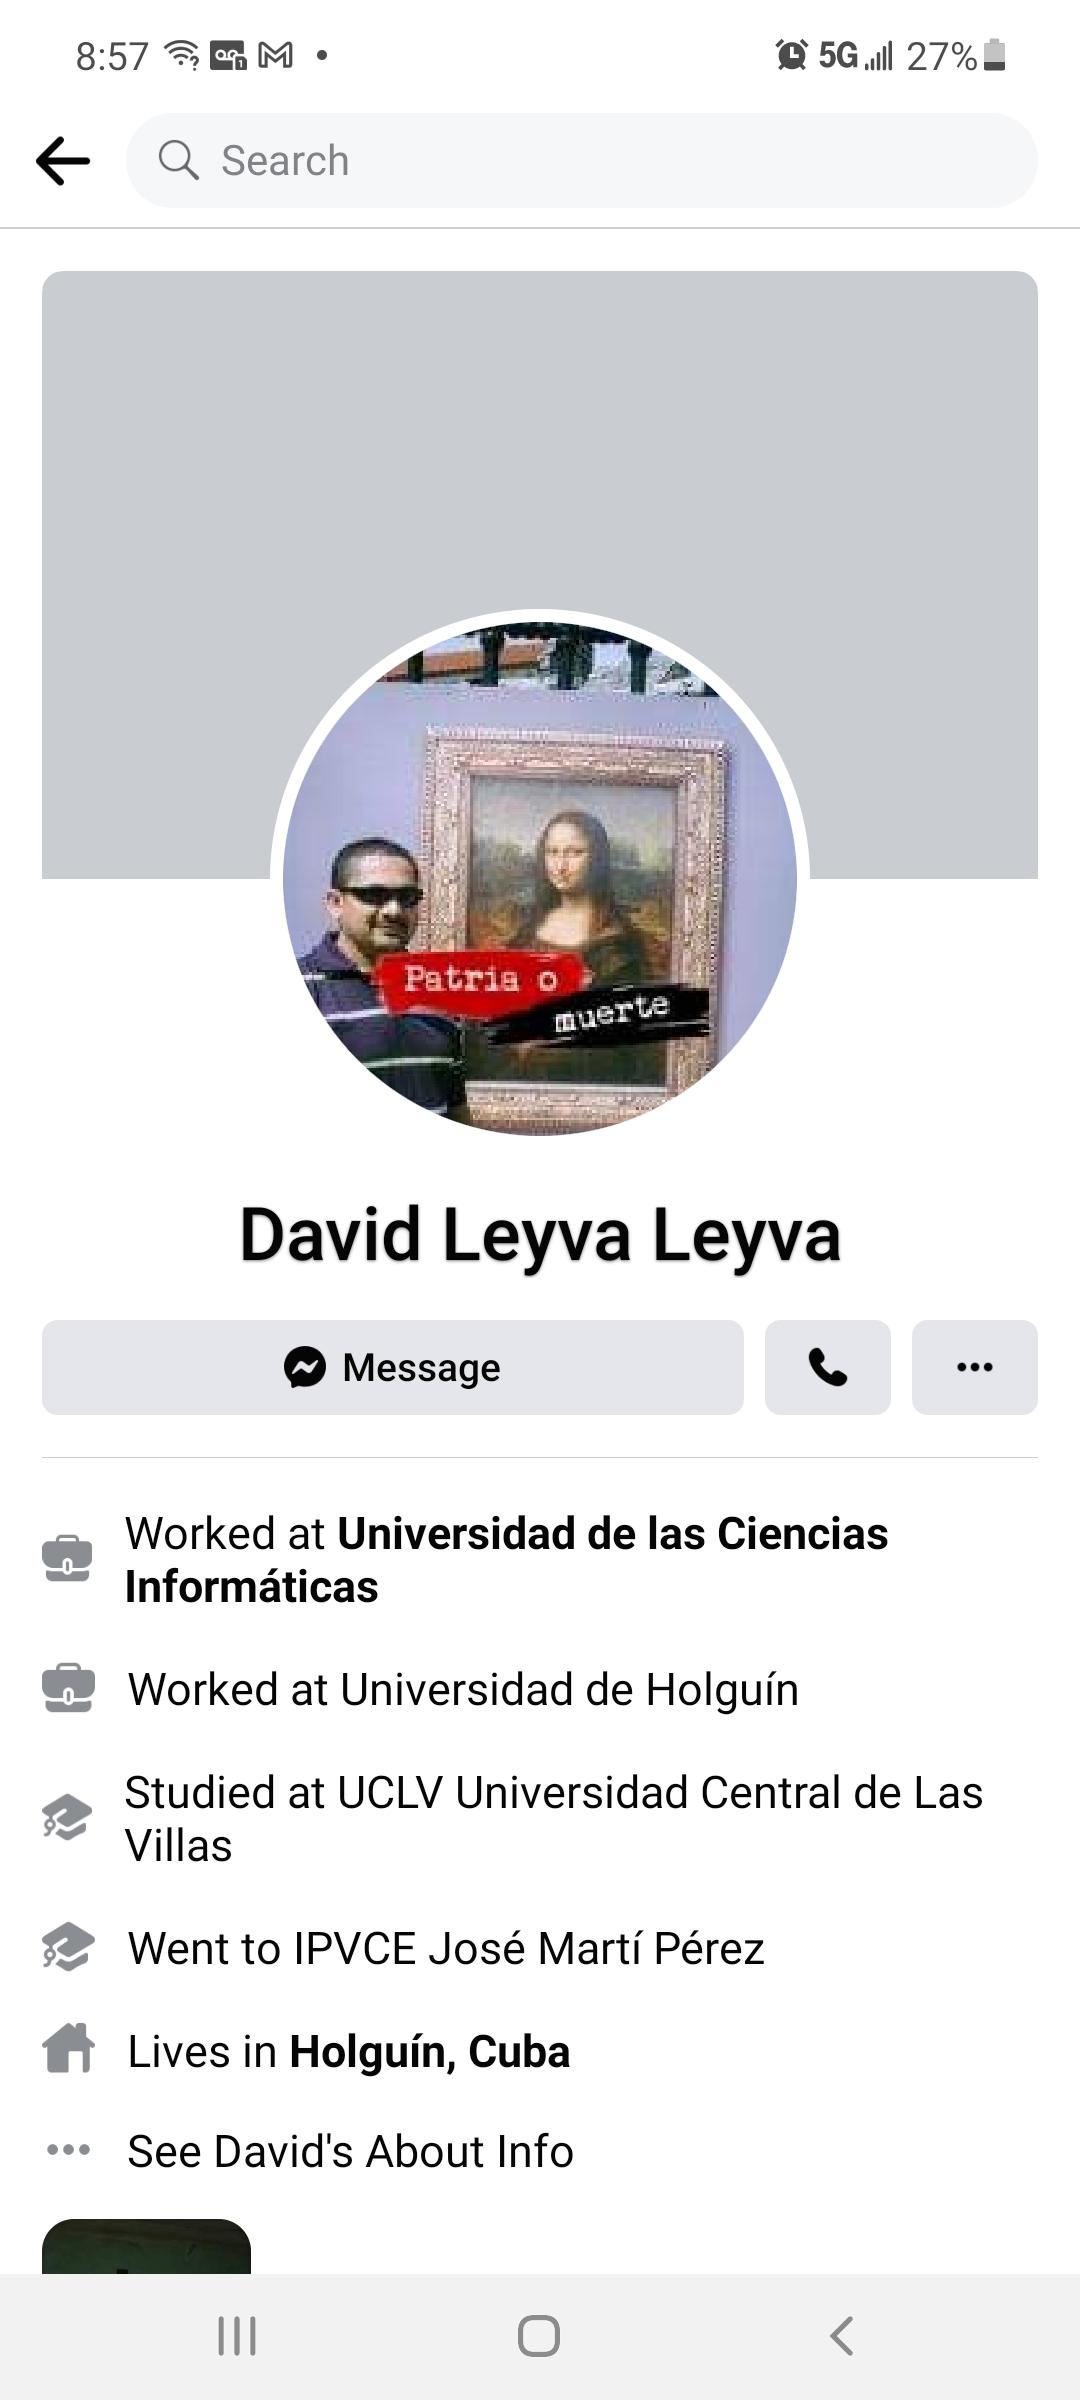 David Leyva